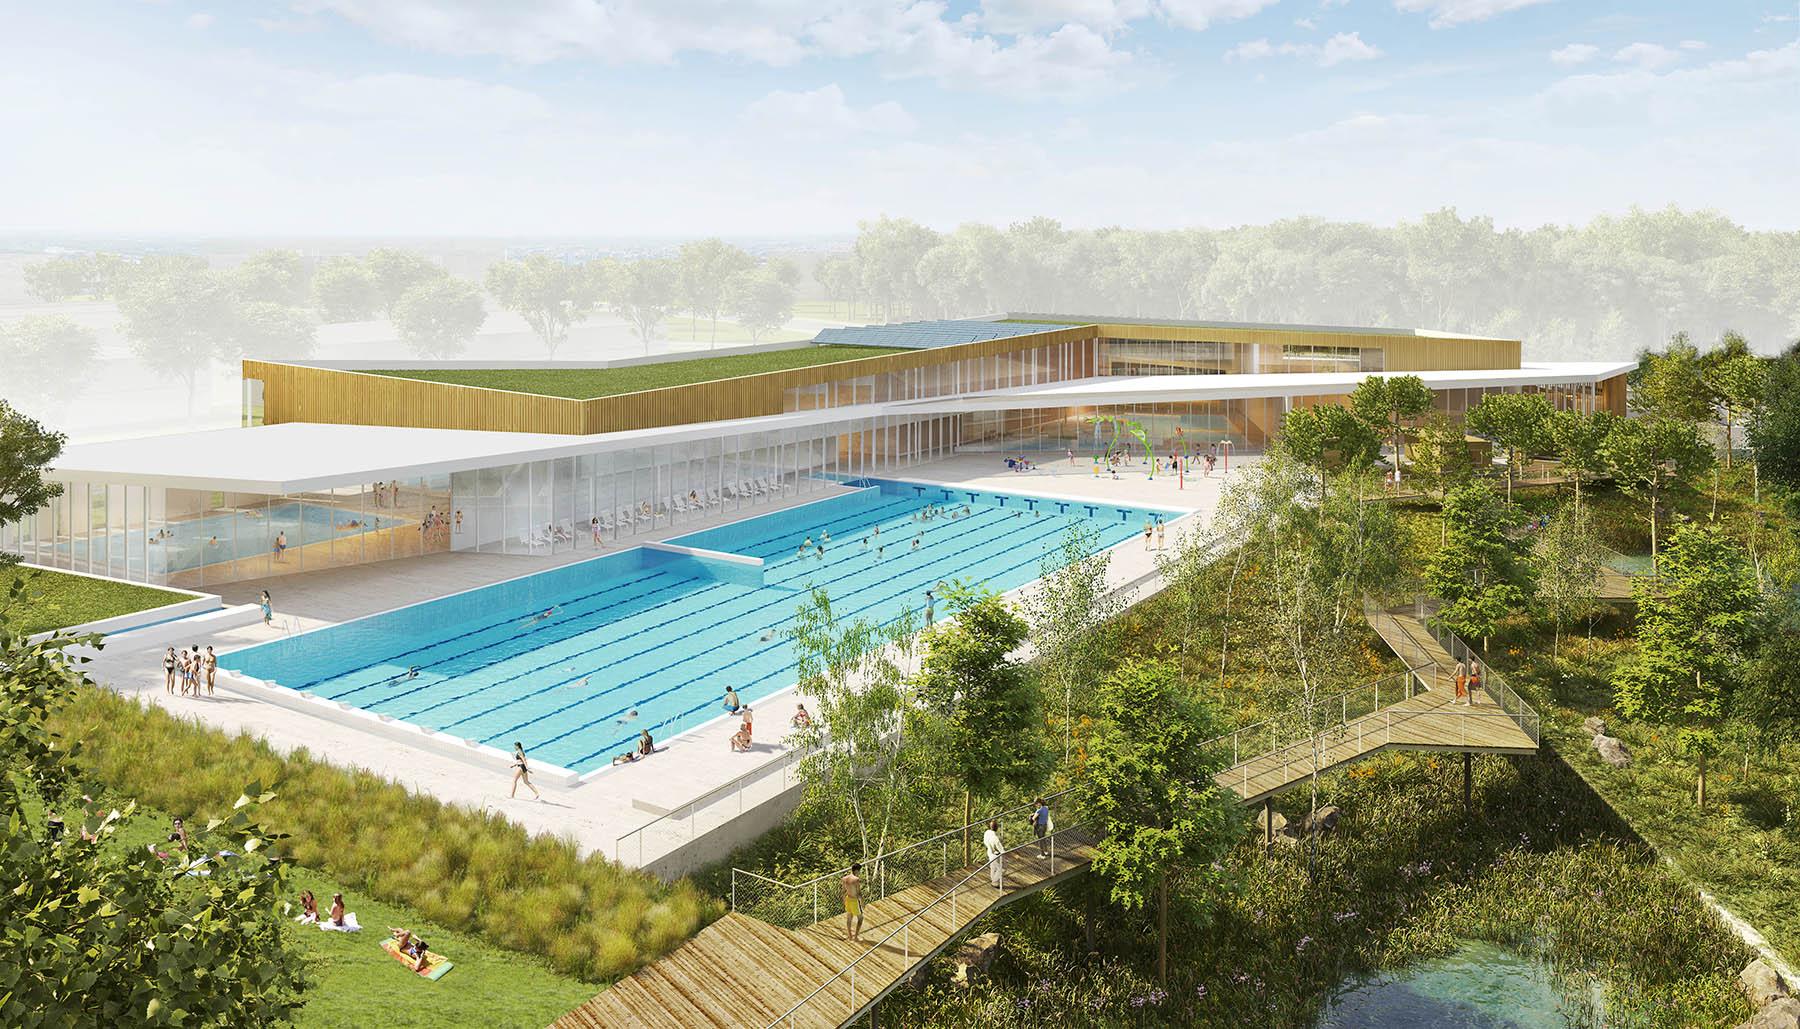 Centre aquatique champs sur marne tna architectes paris for Piscine tournesol sens